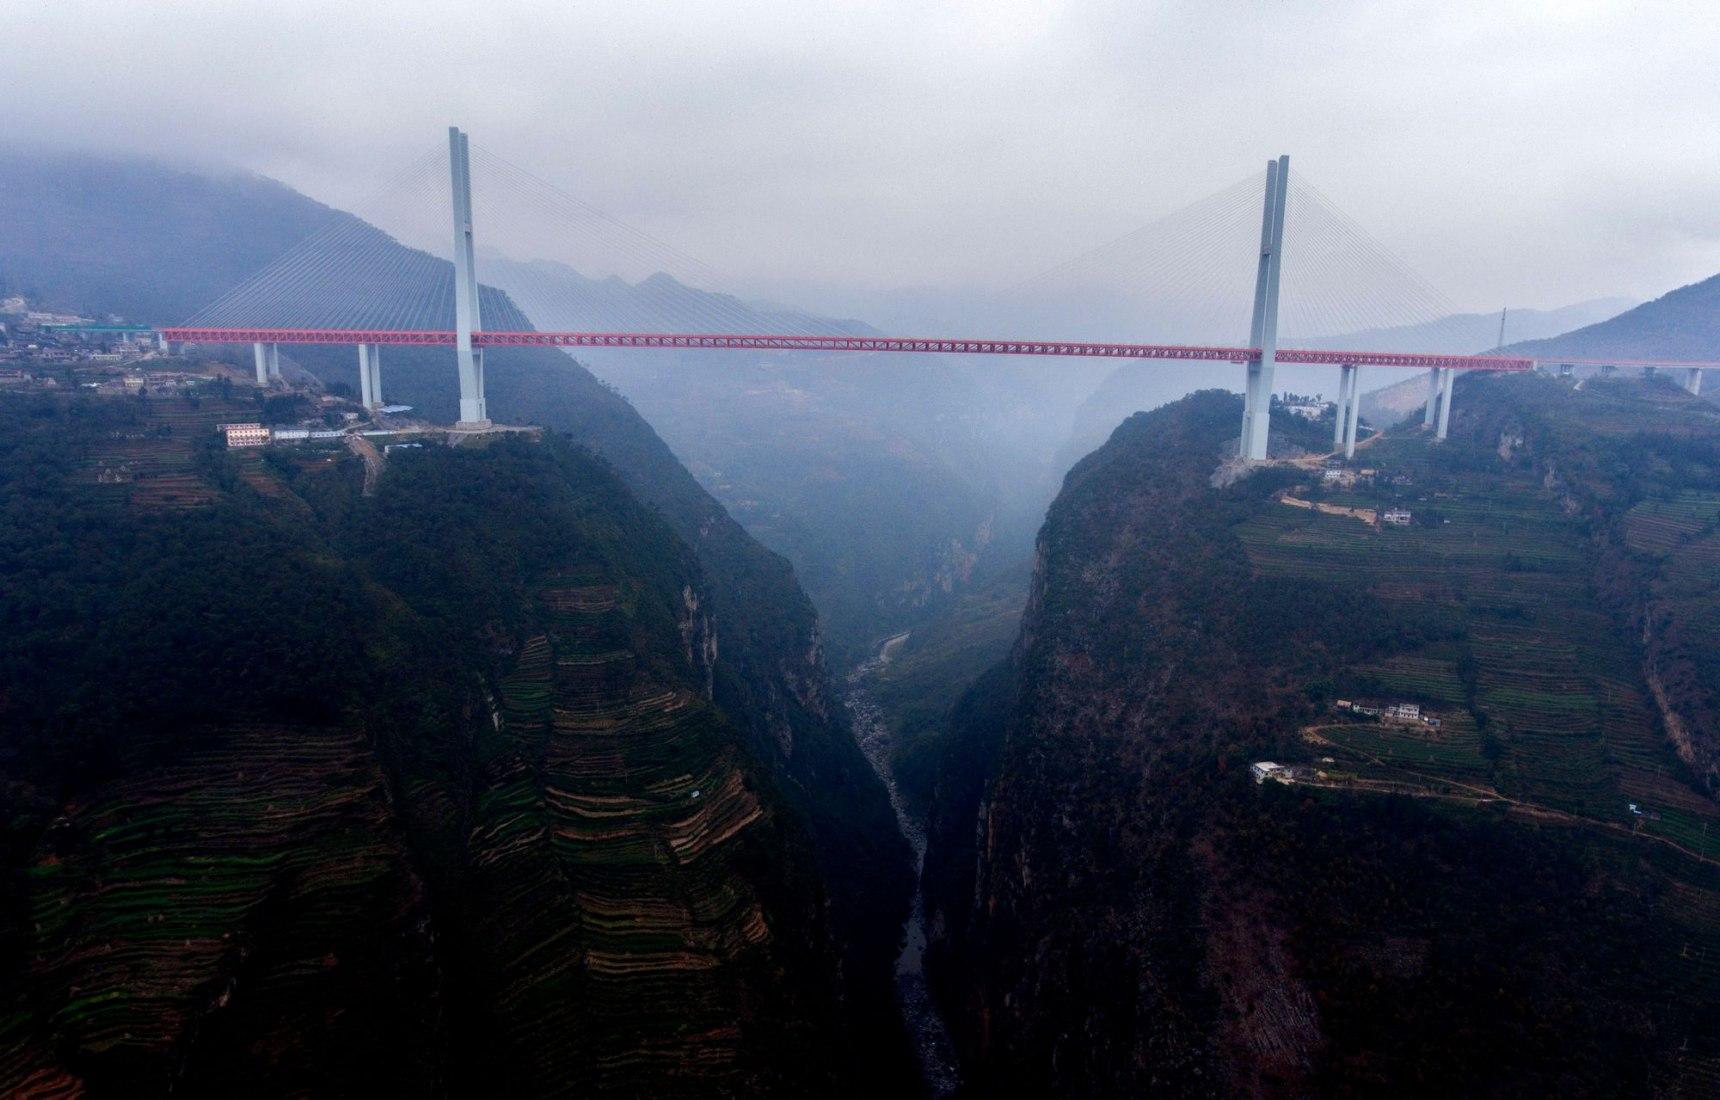 Vista del barranco con el puente Beipanjiang. Imagen cortesía de ImagineChina.